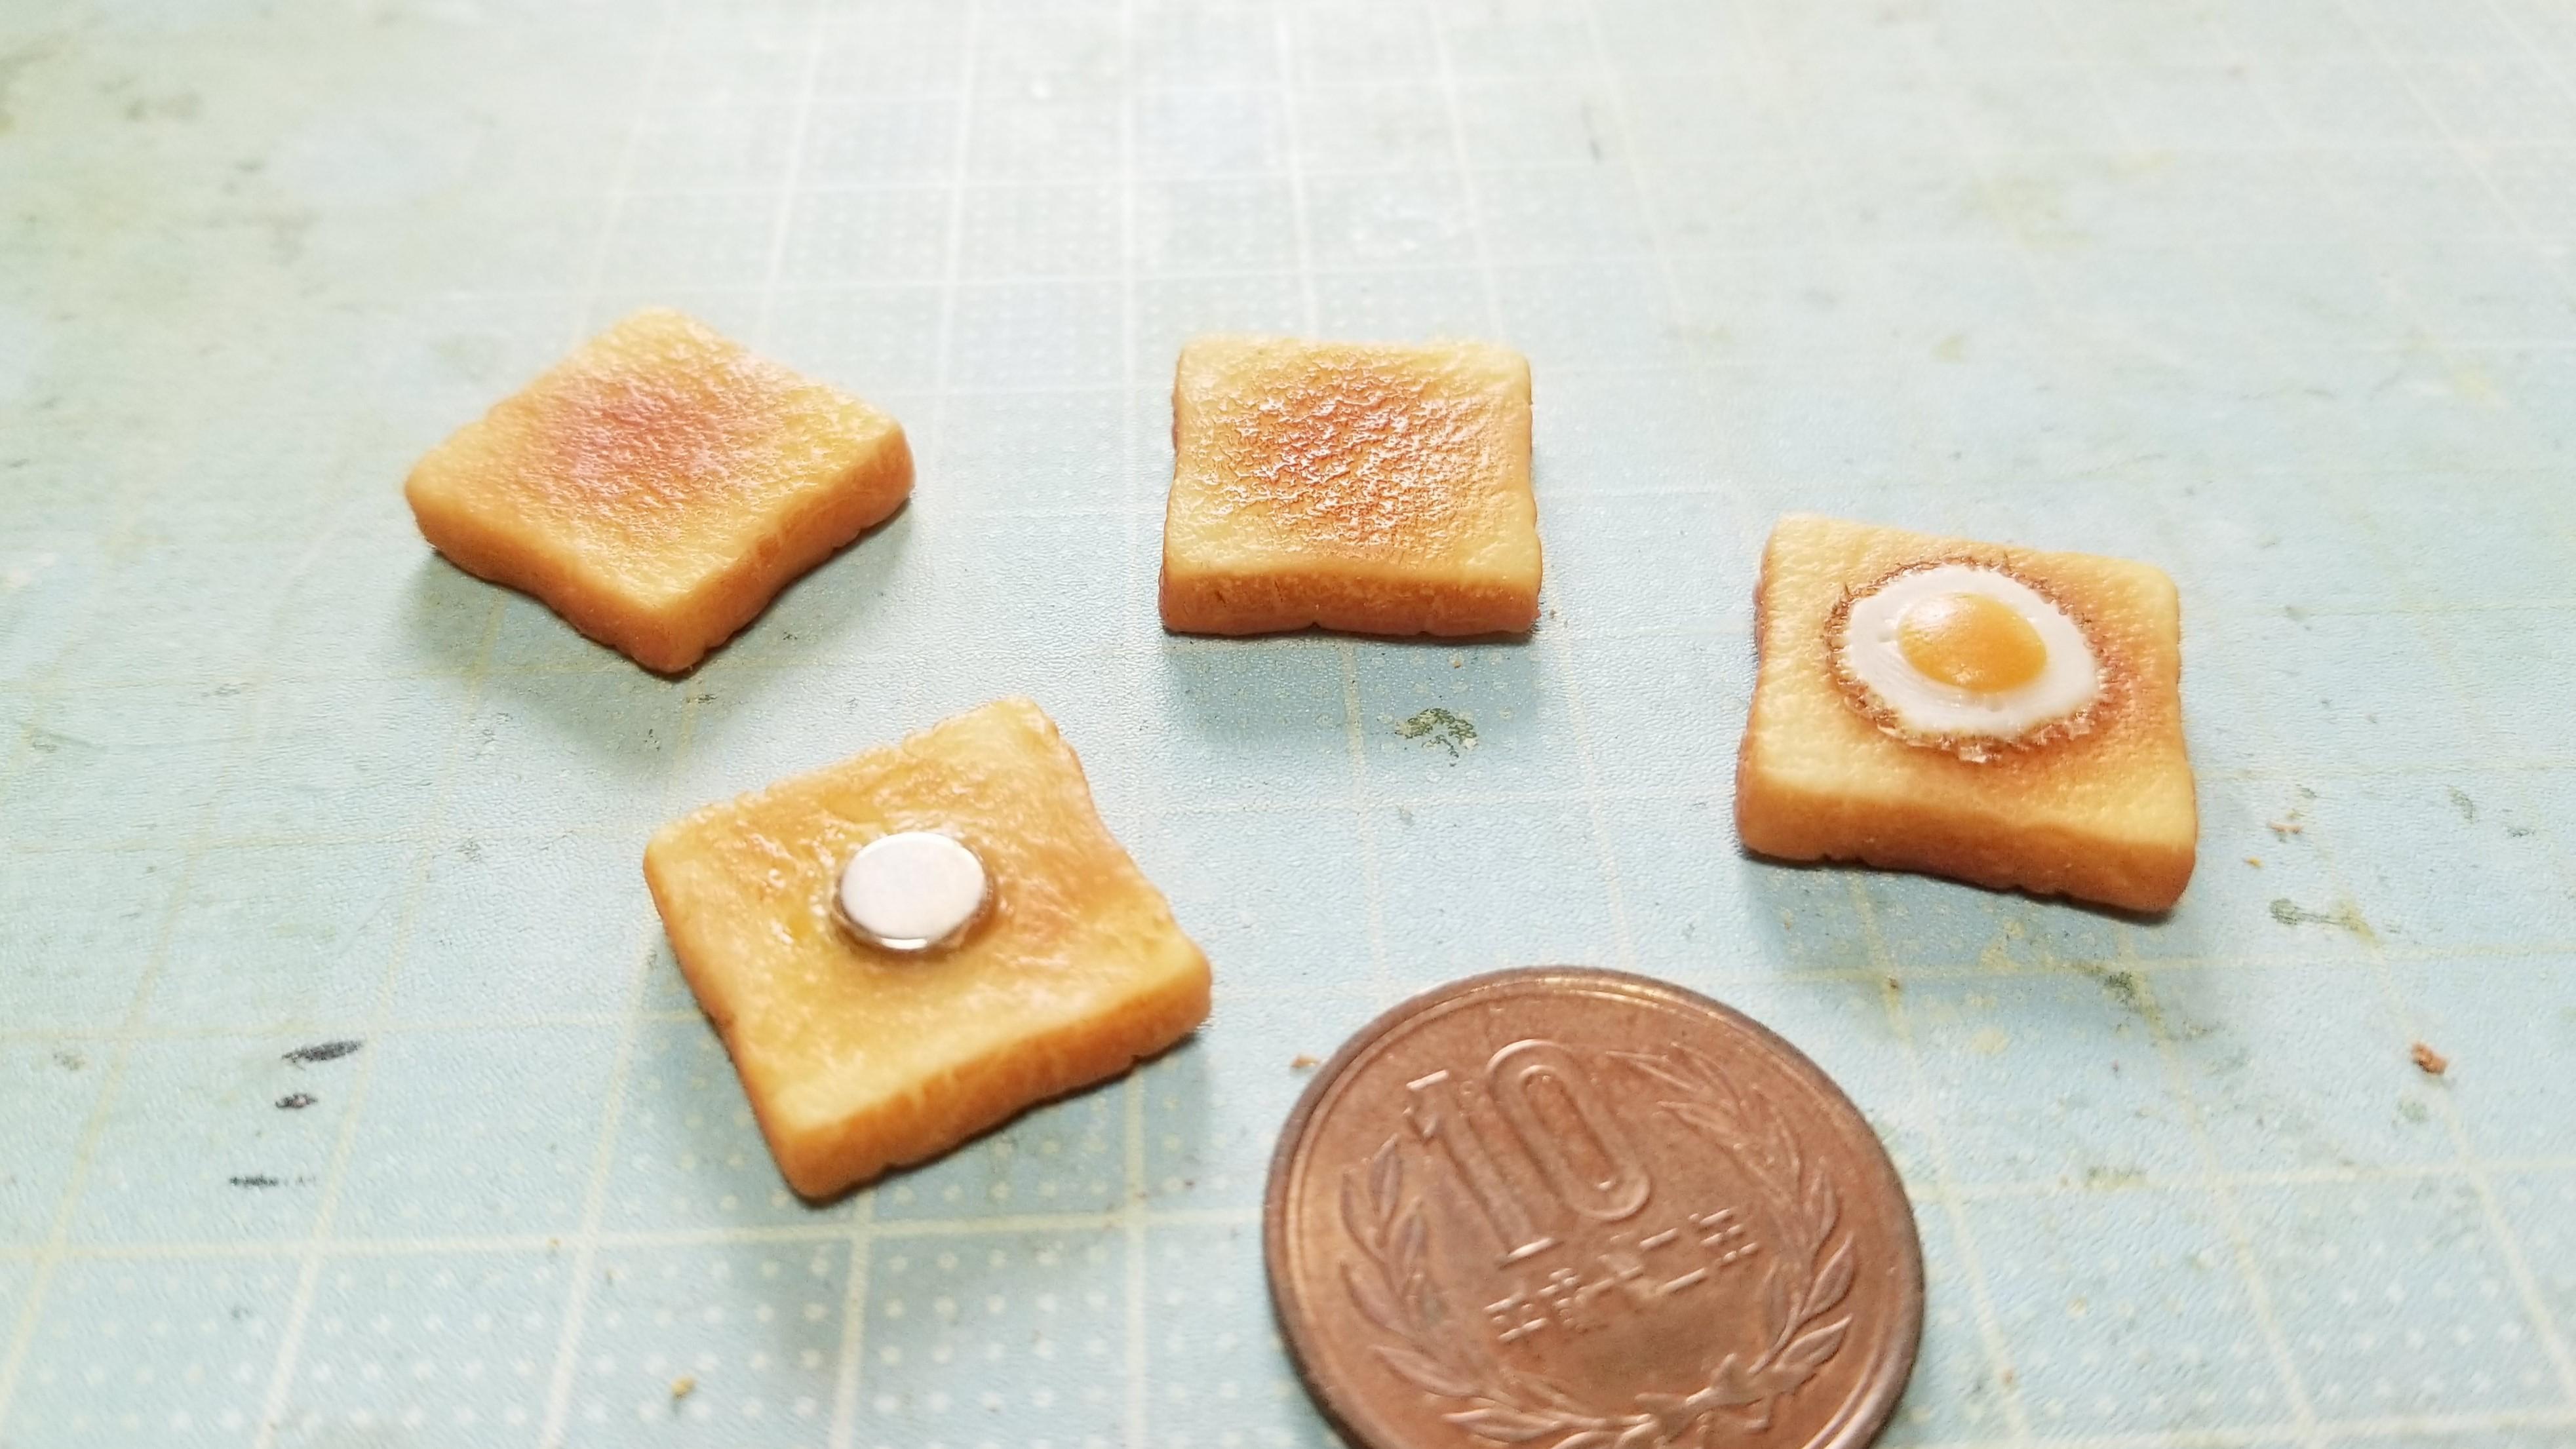 こんがりおいしい食パントースト朝食マグネット小さいかわいい小物